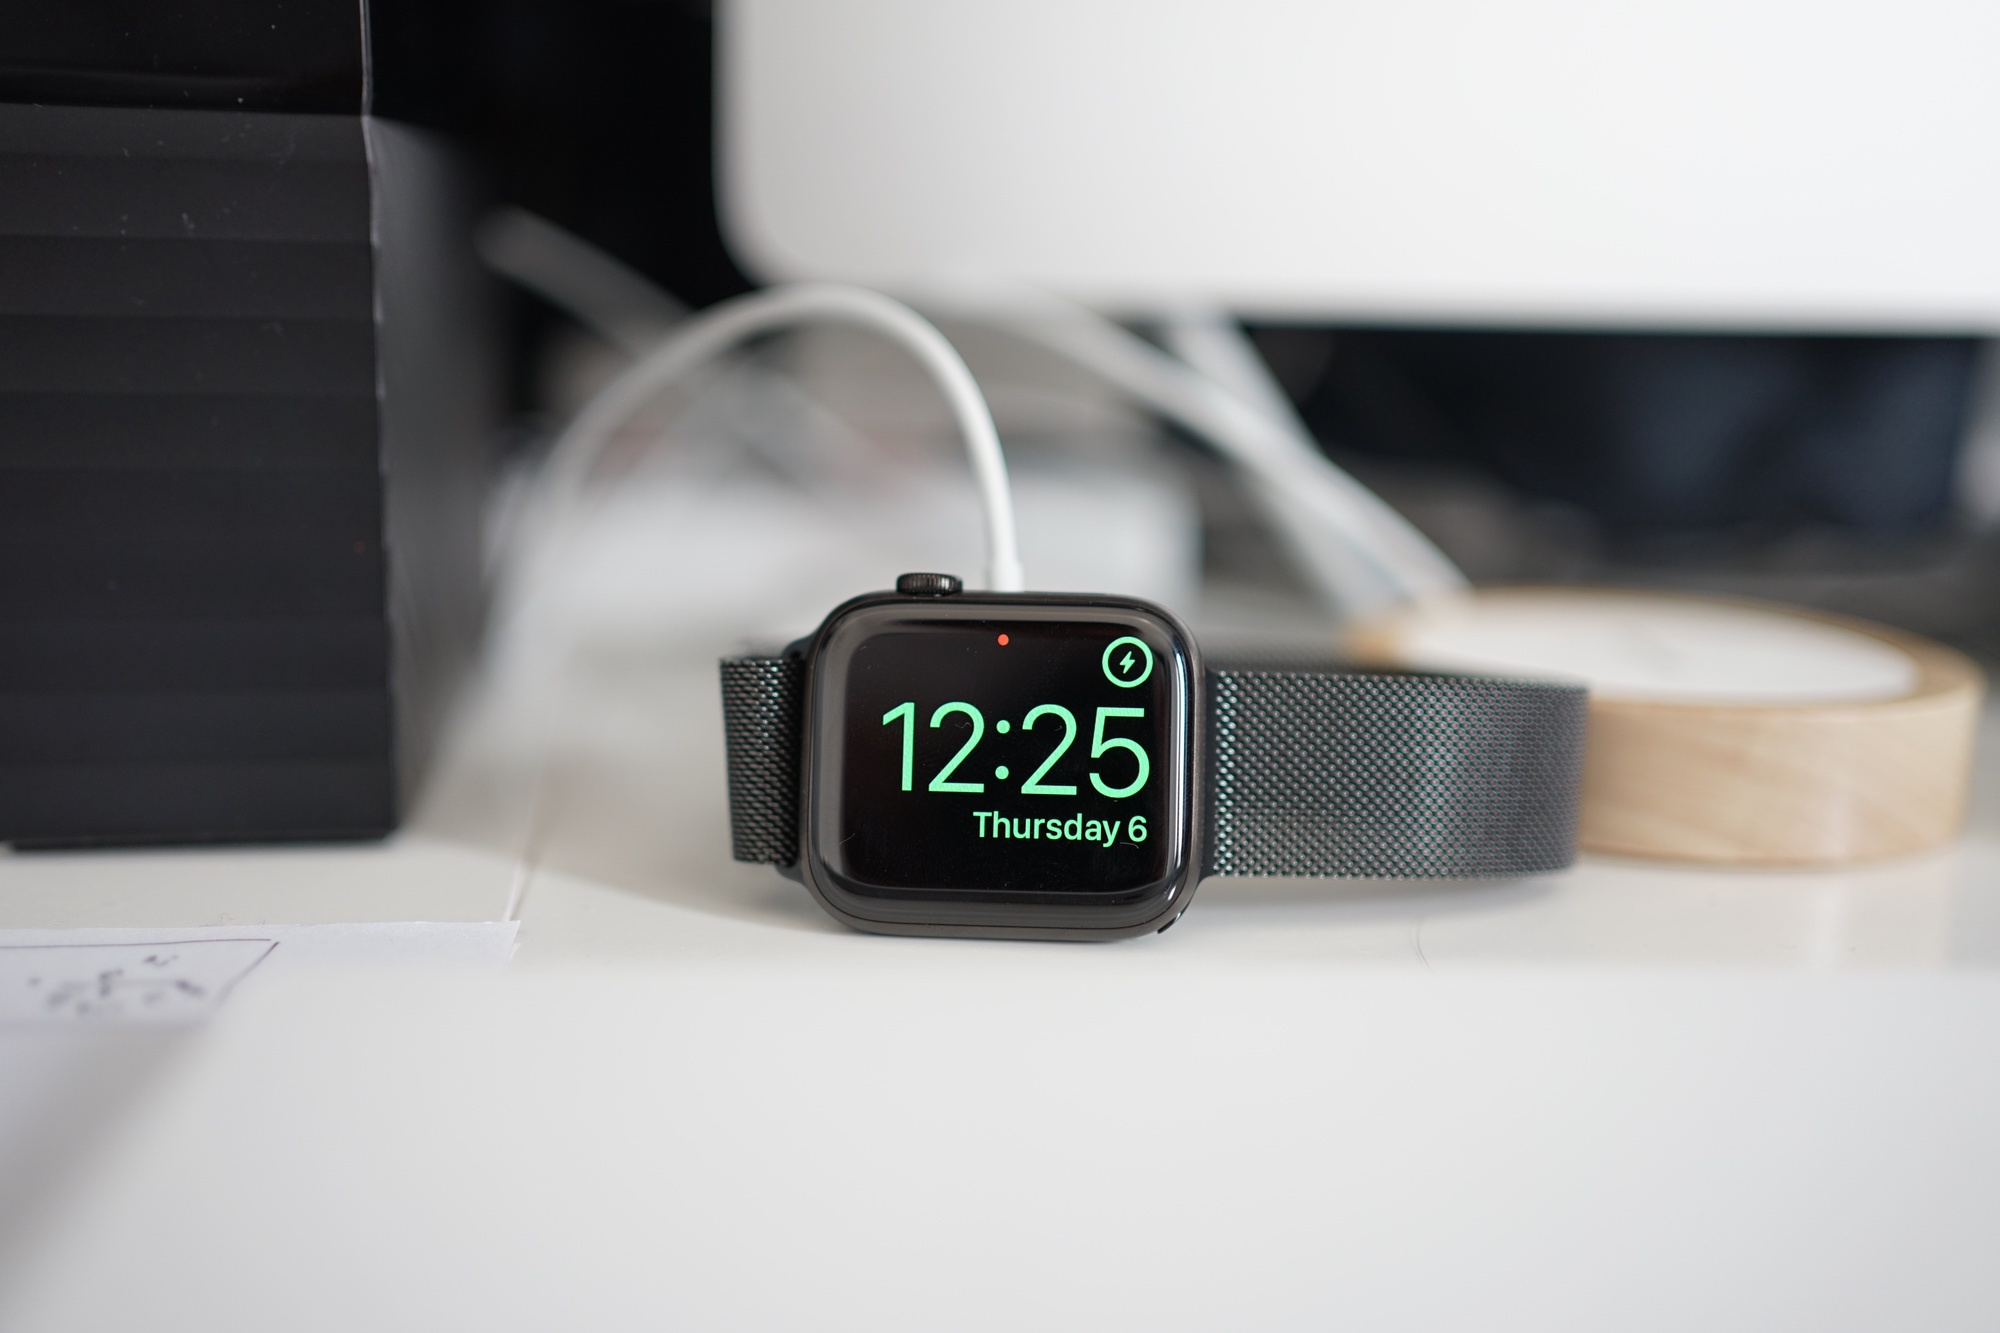 รีวิว Apple Watch Series 5 Edition